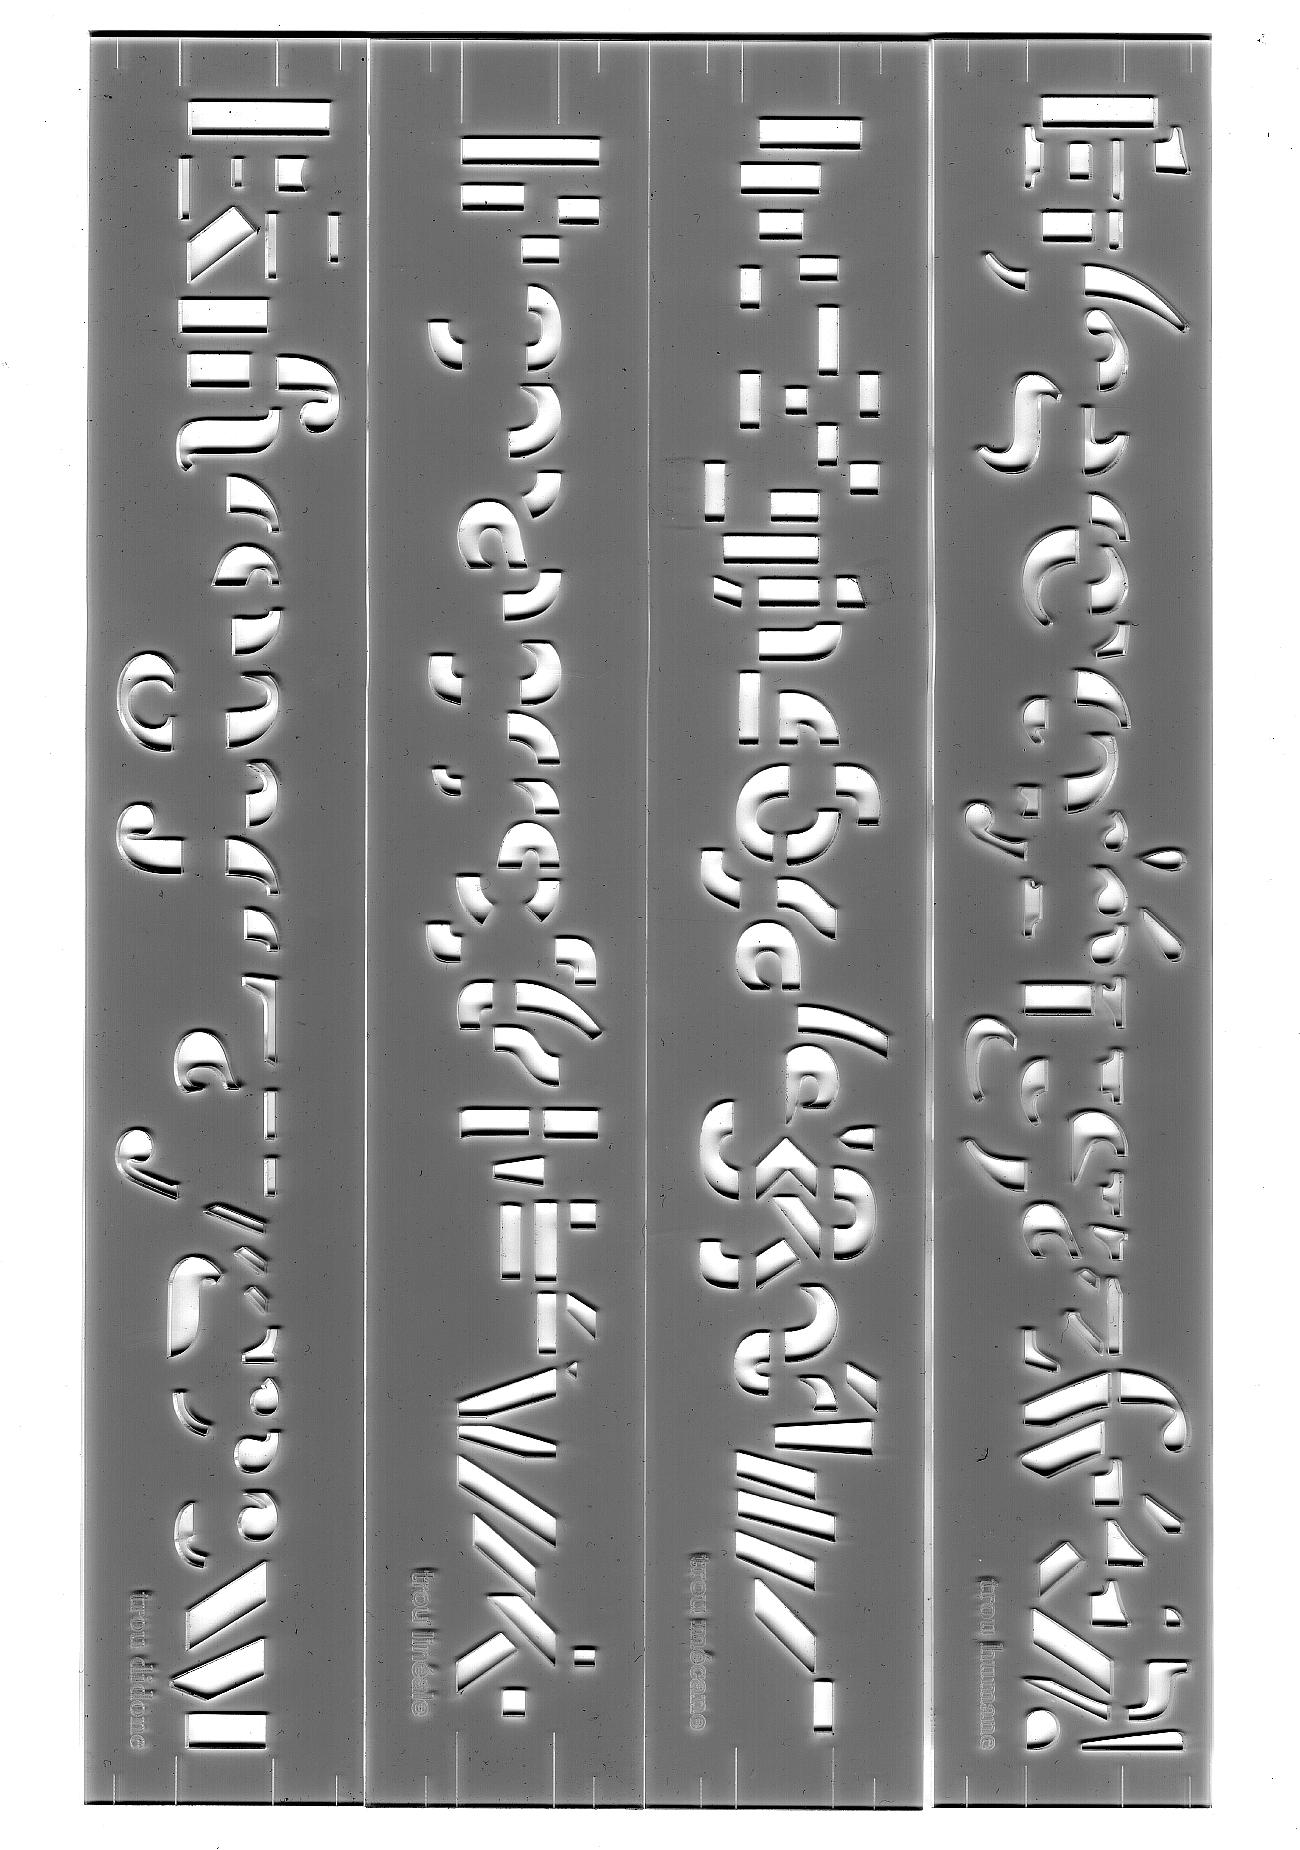 Spécimen typographique crée par les étudiant·e·s lors d'un workshop que j'ai animé à la HEAD (je ne me souviens pas des noms des étudiant·e·s – écrivez-moi pour être crédités). Chablon permettant de tracer un alphabet complet.